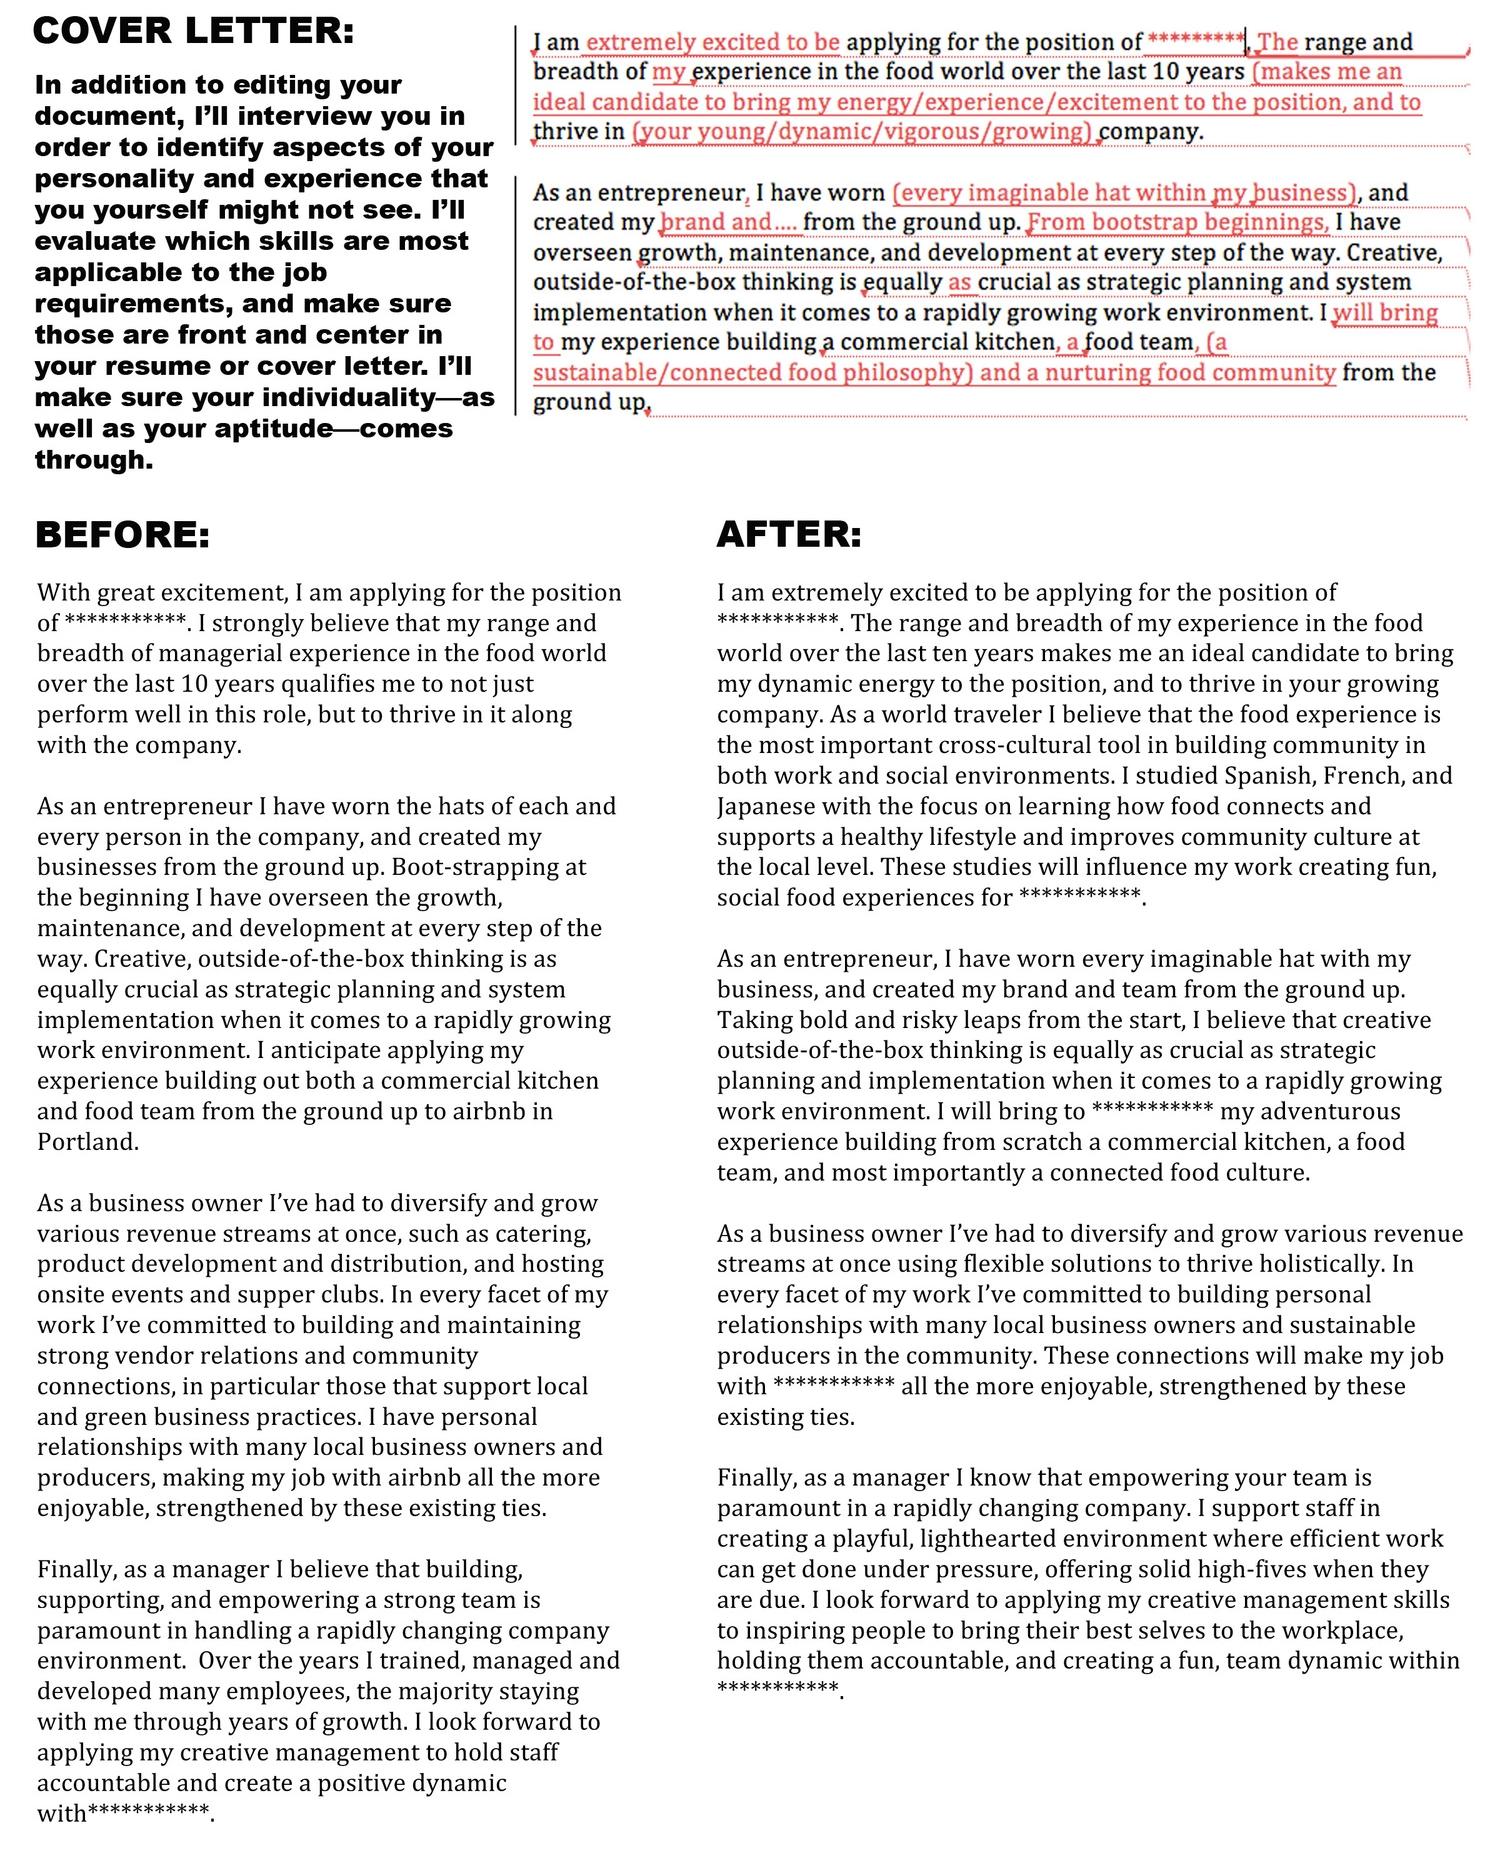 cover letter sample.jpg